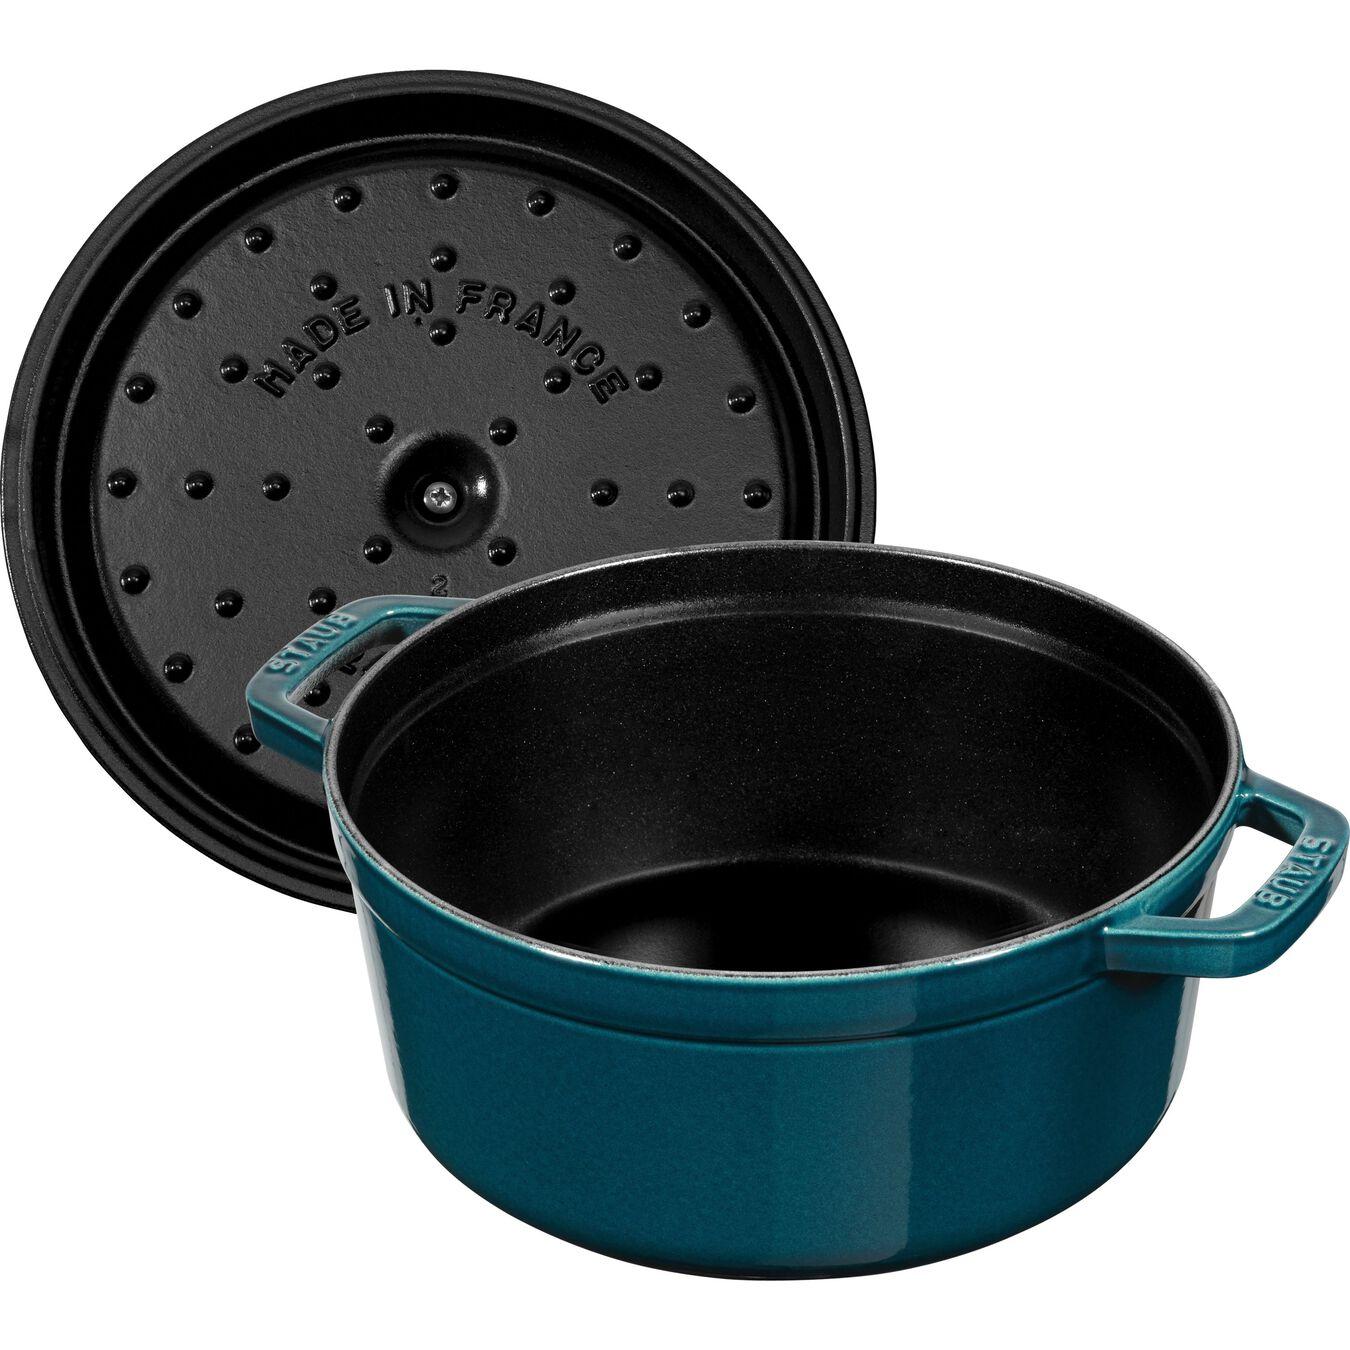 Cocotte en fonte 24 cm / 3,8 l, Rond, Blue La-Mer,,large 1